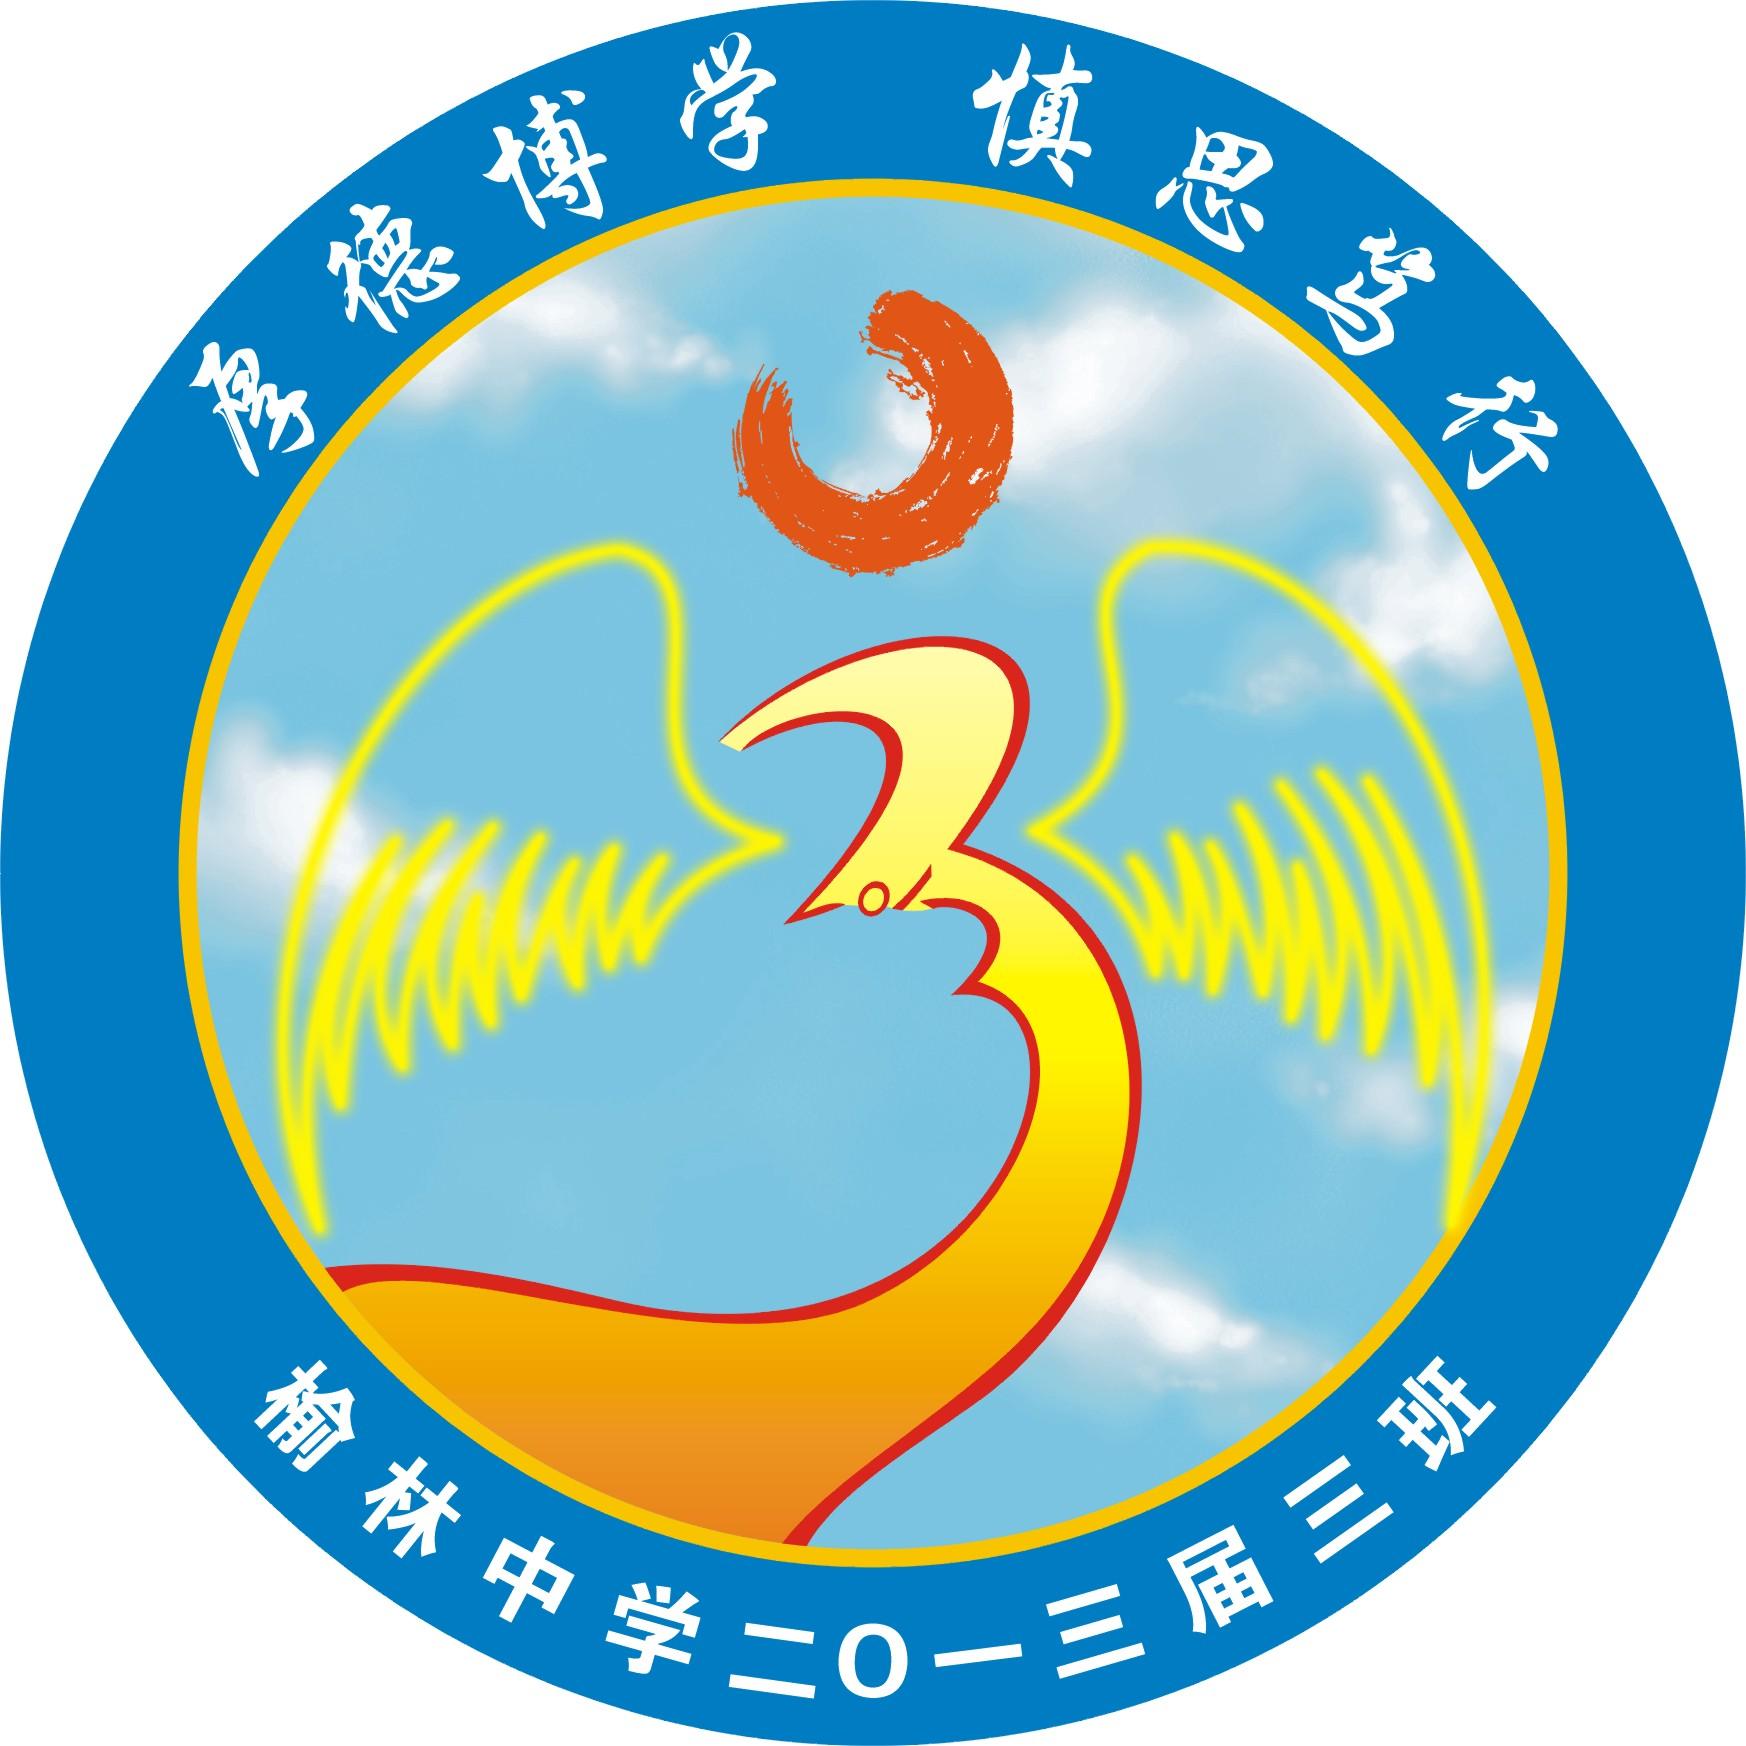 初三三班的班徽设计内容初三三班的班徽设计版面图片